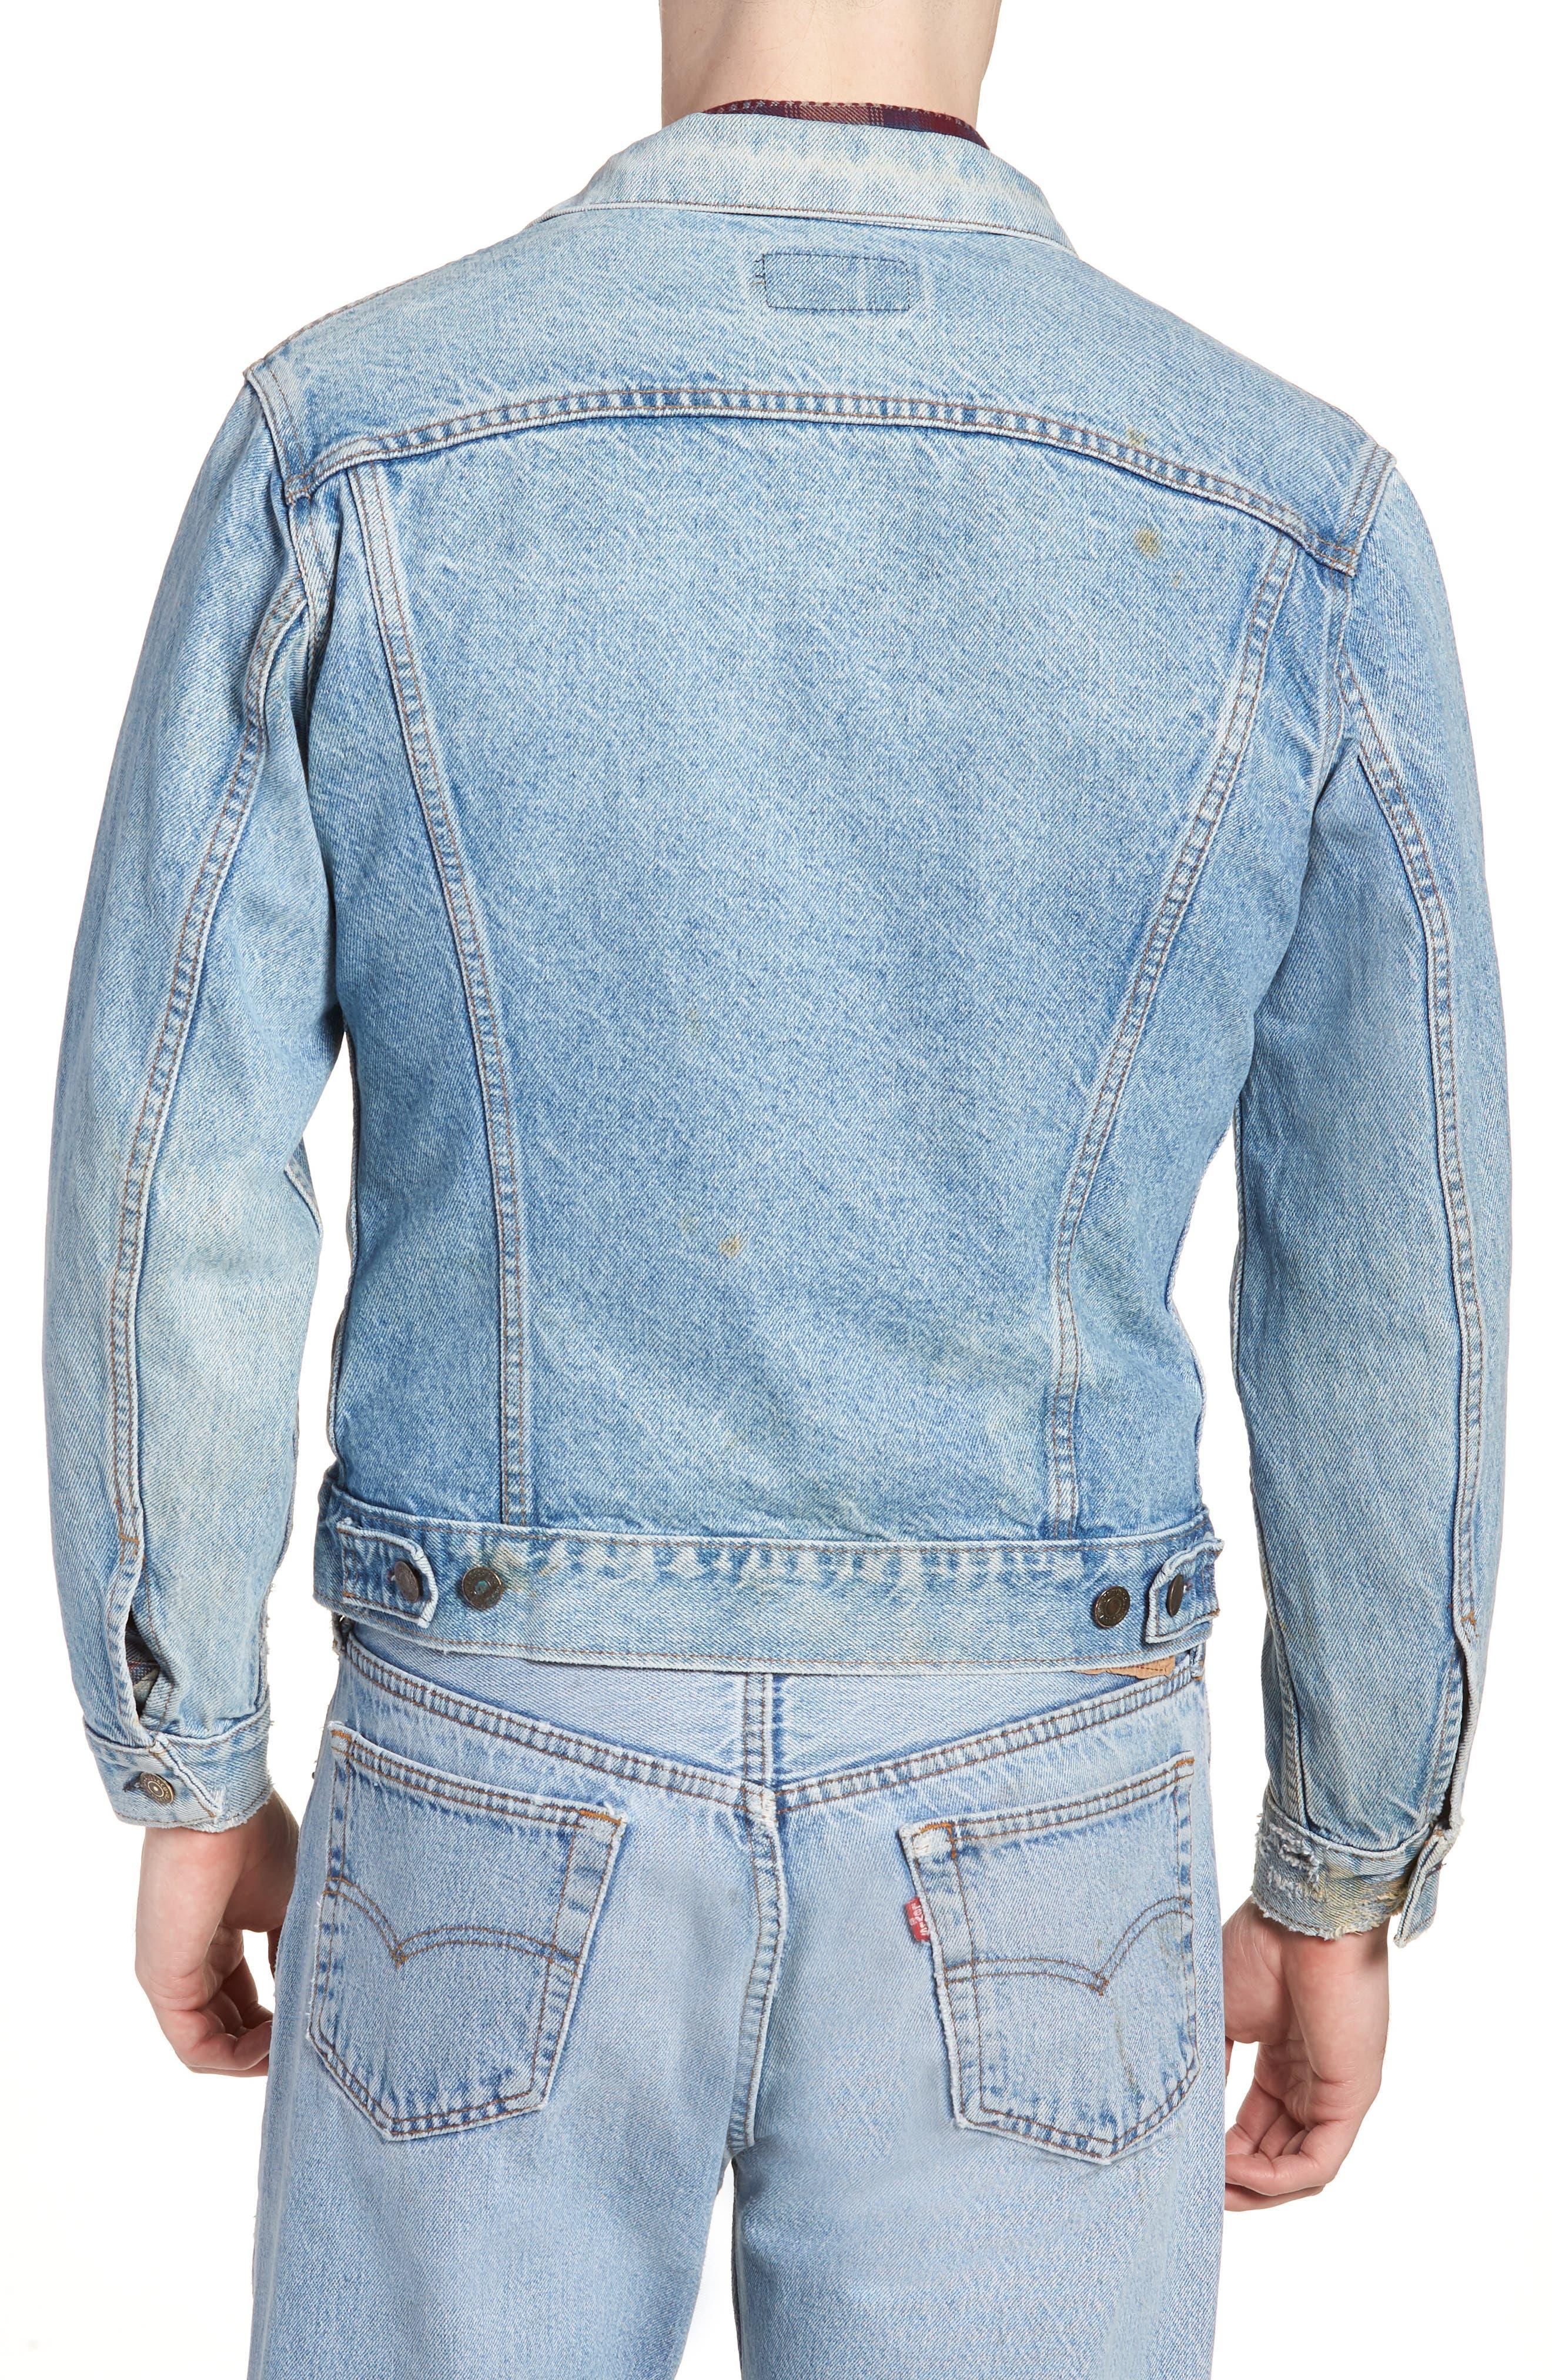 Authorized Vintage Trucker Jacket,                             Alternate thumbnail 2, color,                             AV BLUE